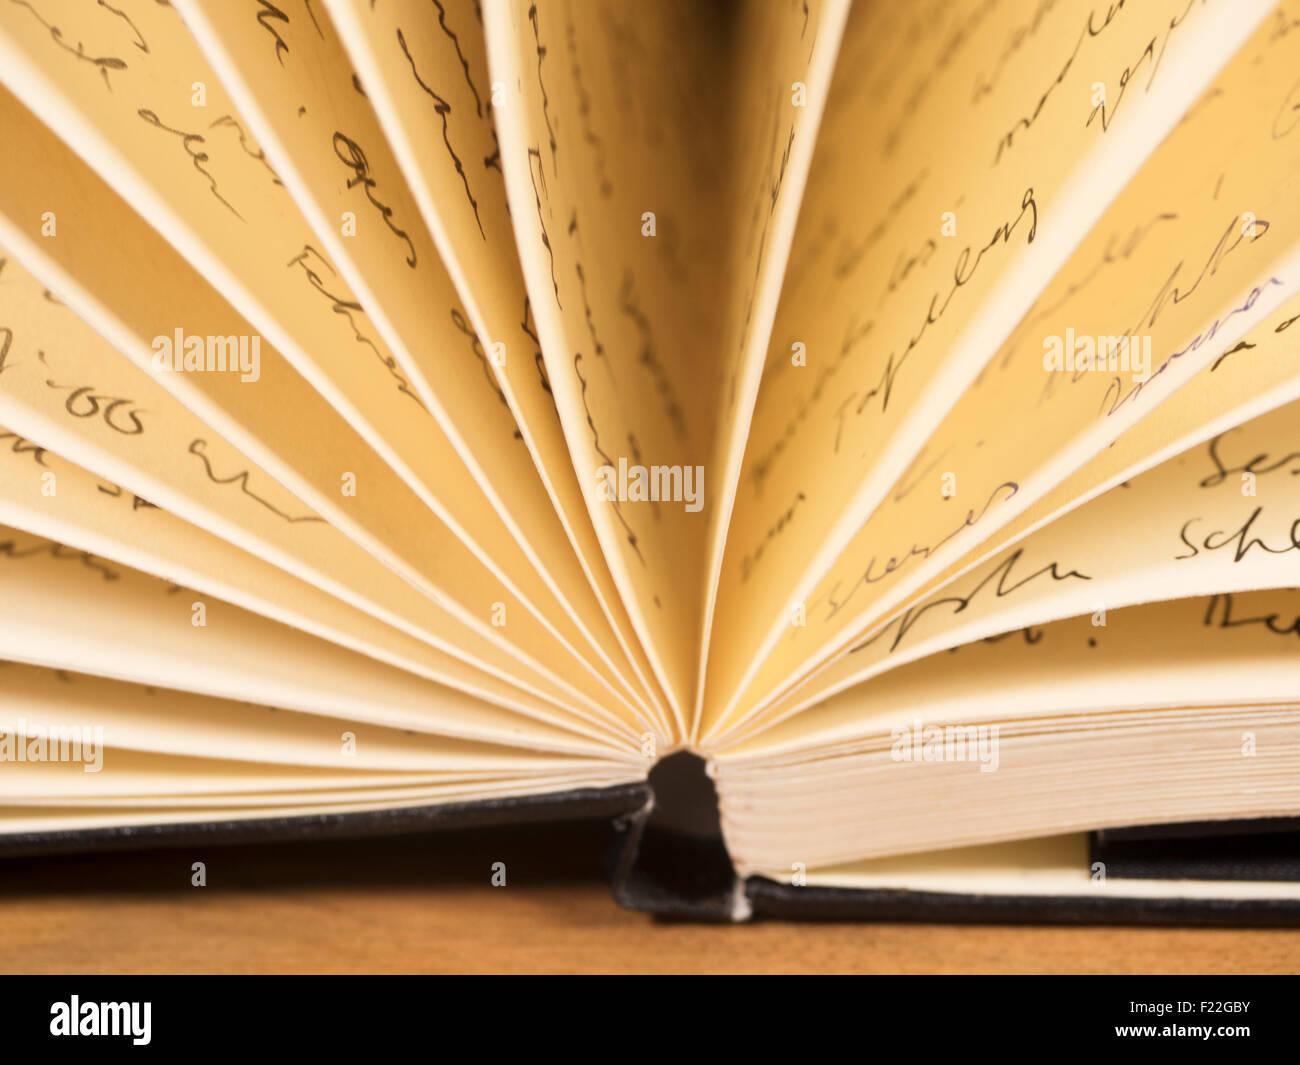 aufgeblättertes Notizbuch - Stock Image